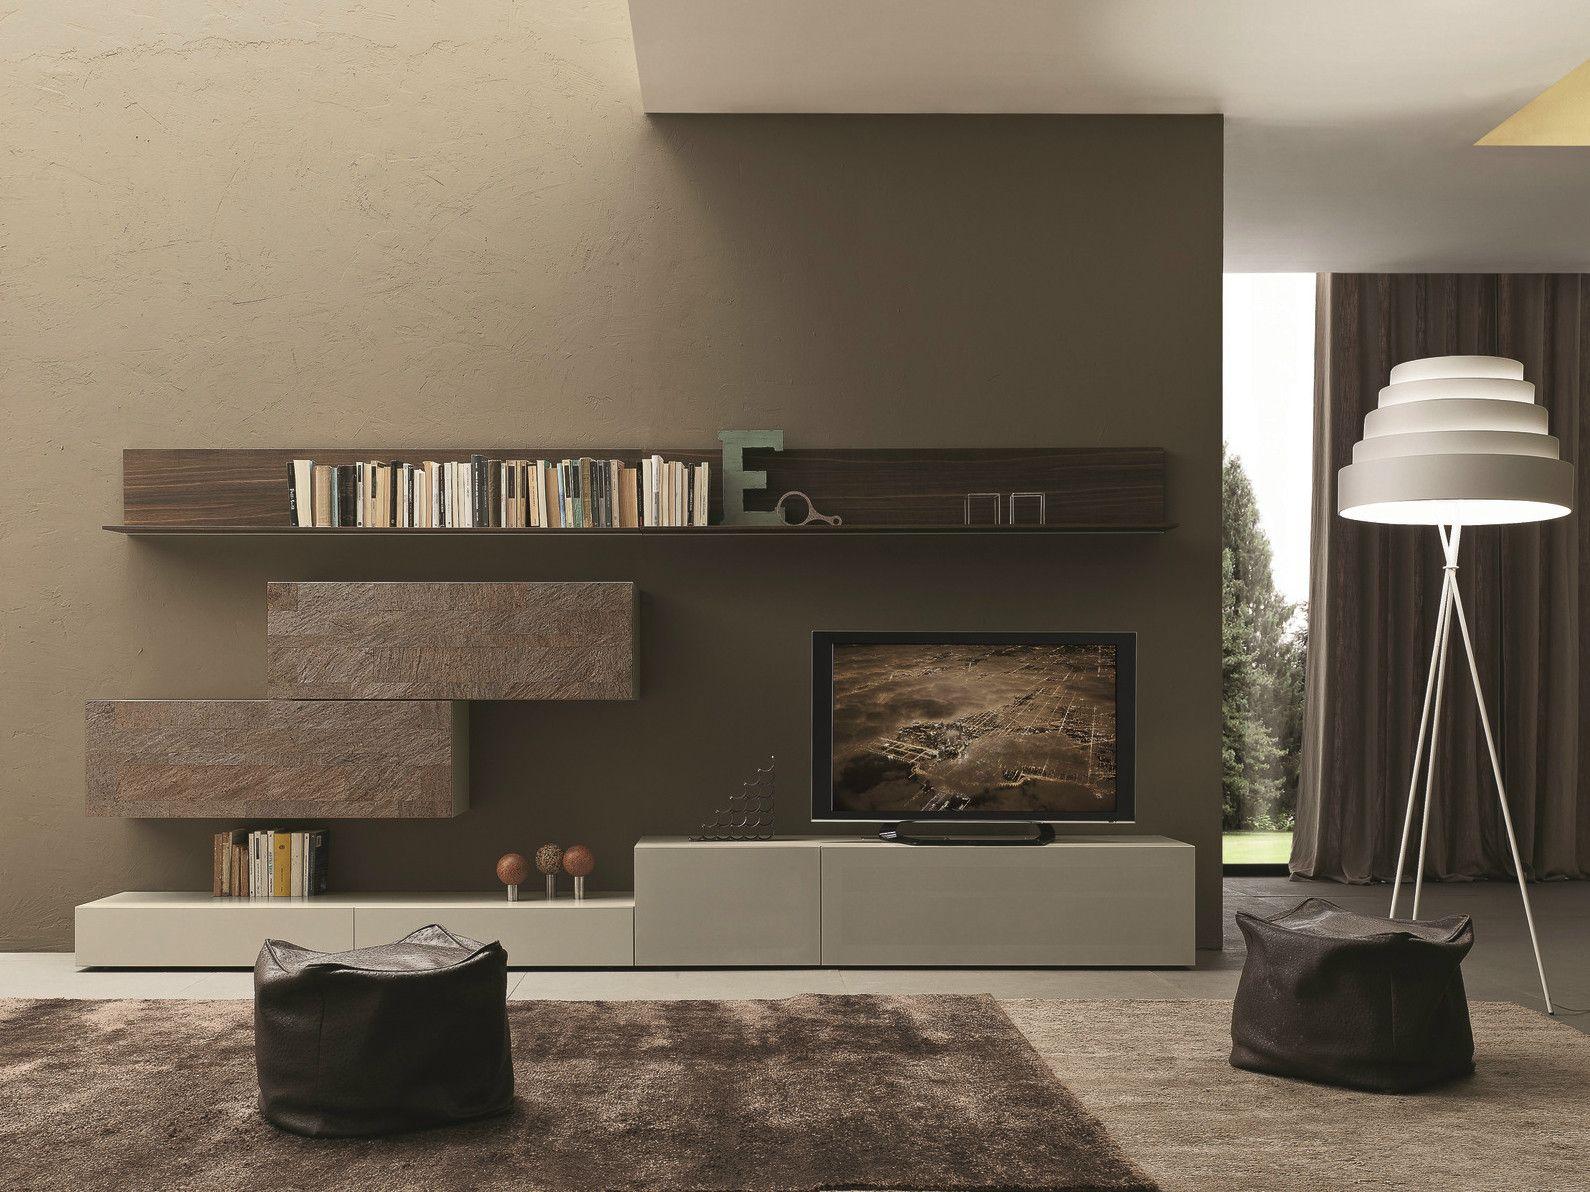 Mobili Porta Tv Ad Angolo Moderni.Parete Attrezzata Componibile Fissata A Muro Con Porta Tv I